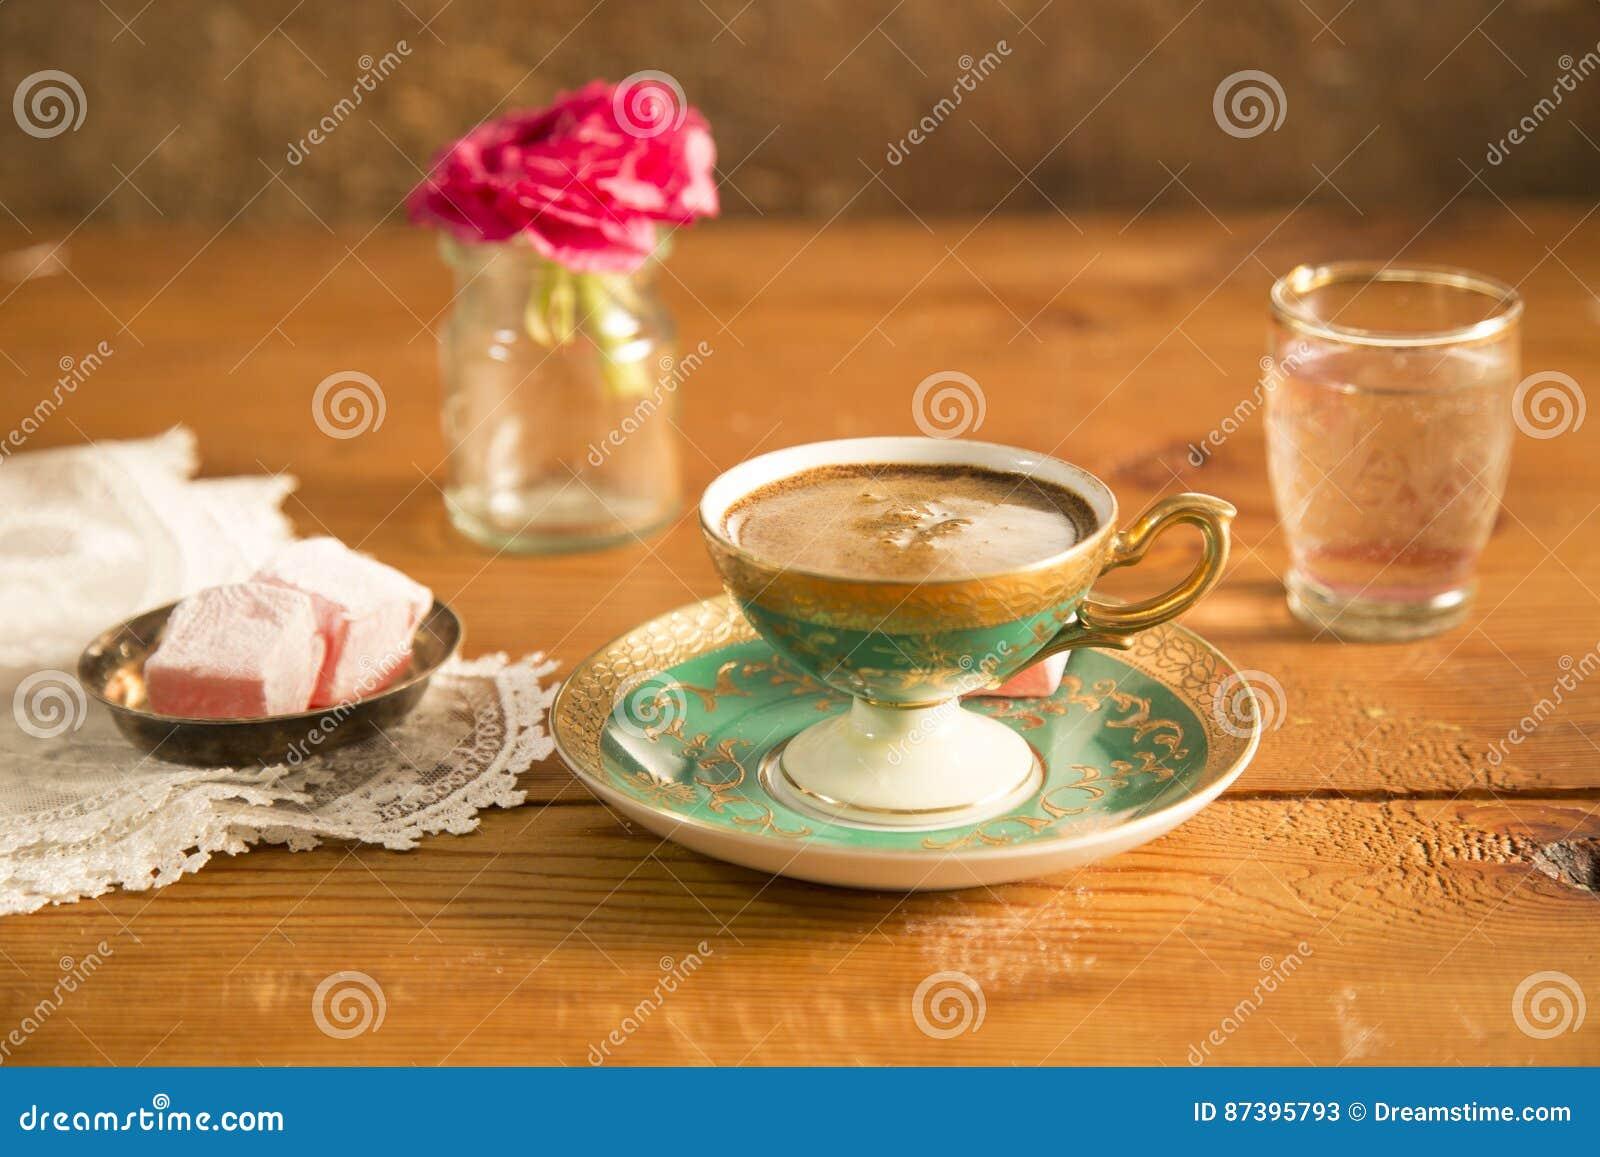 Türkischer Kaffee Gedient Mit Türkischer Freude Stockbild - Bild von ...